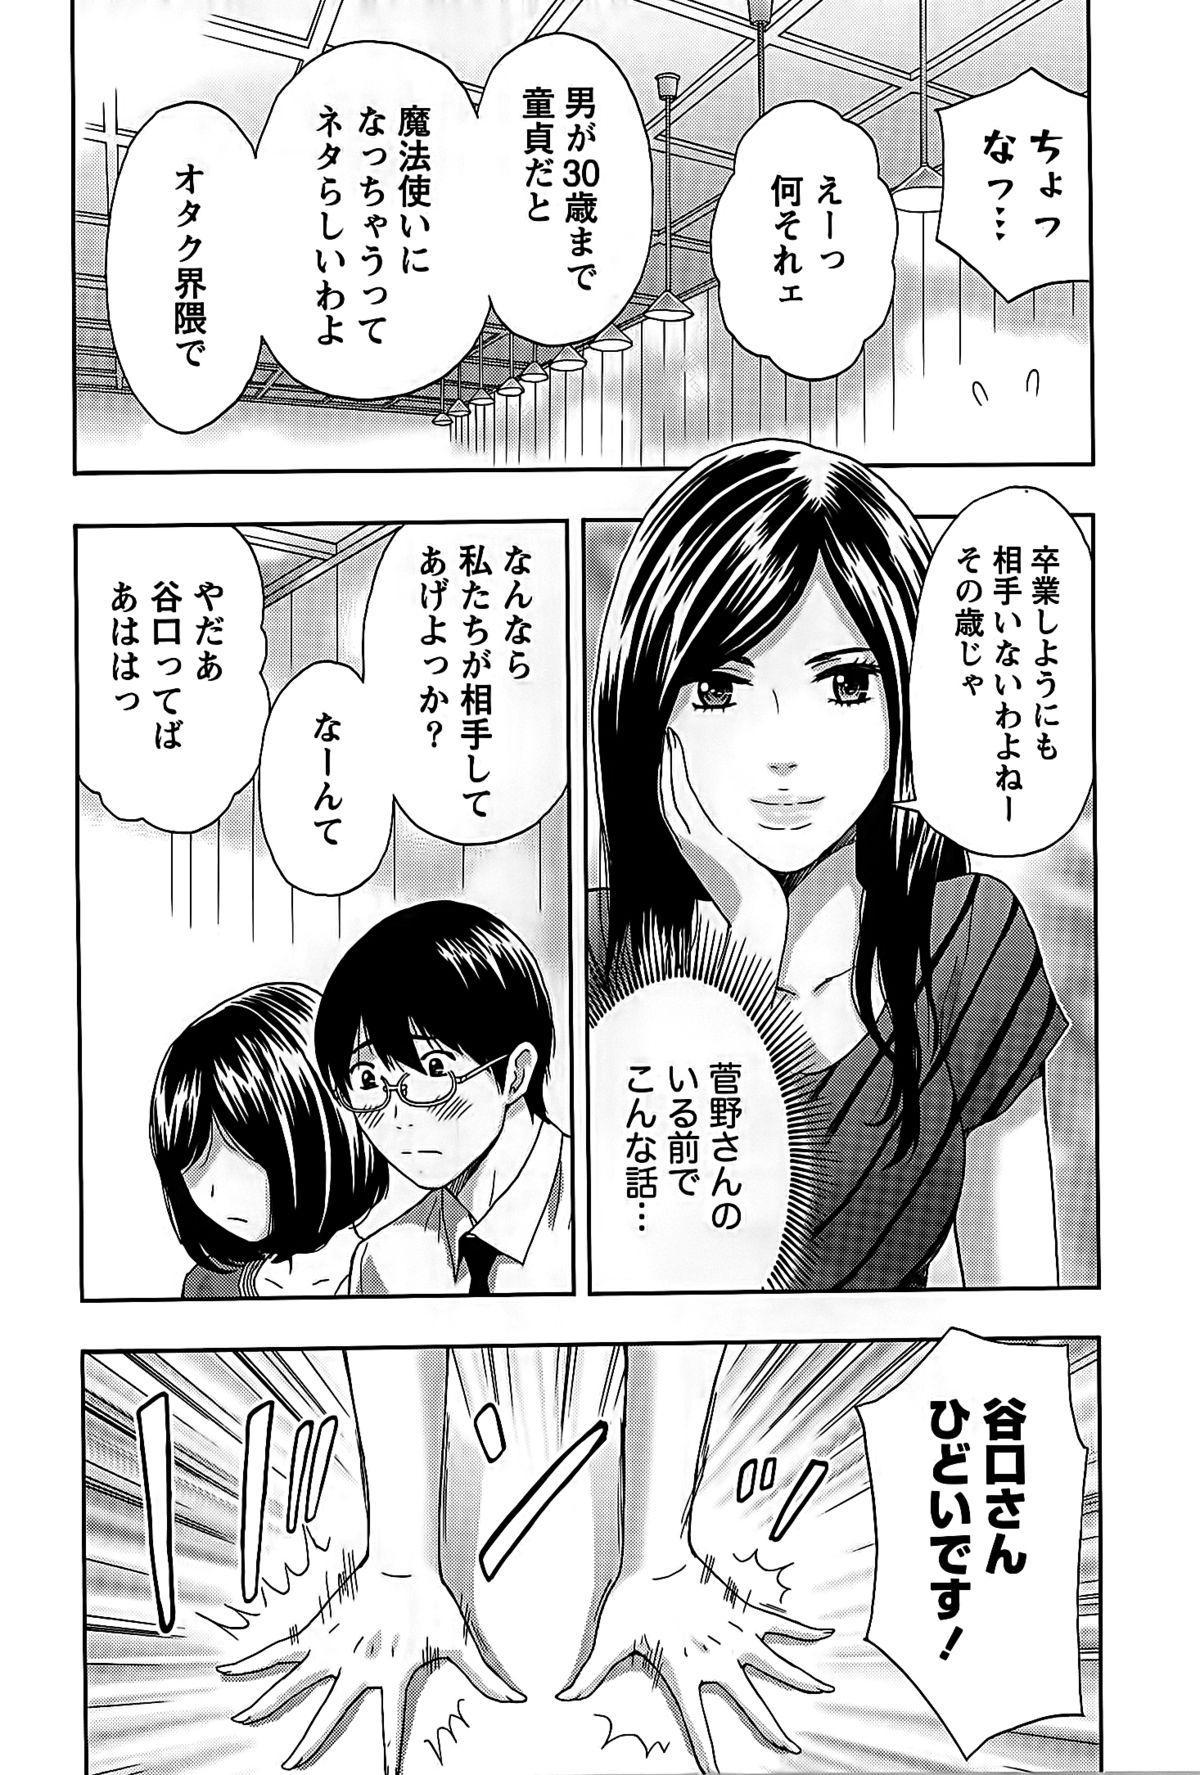 Shittori Lady to Amai Mitsu 91